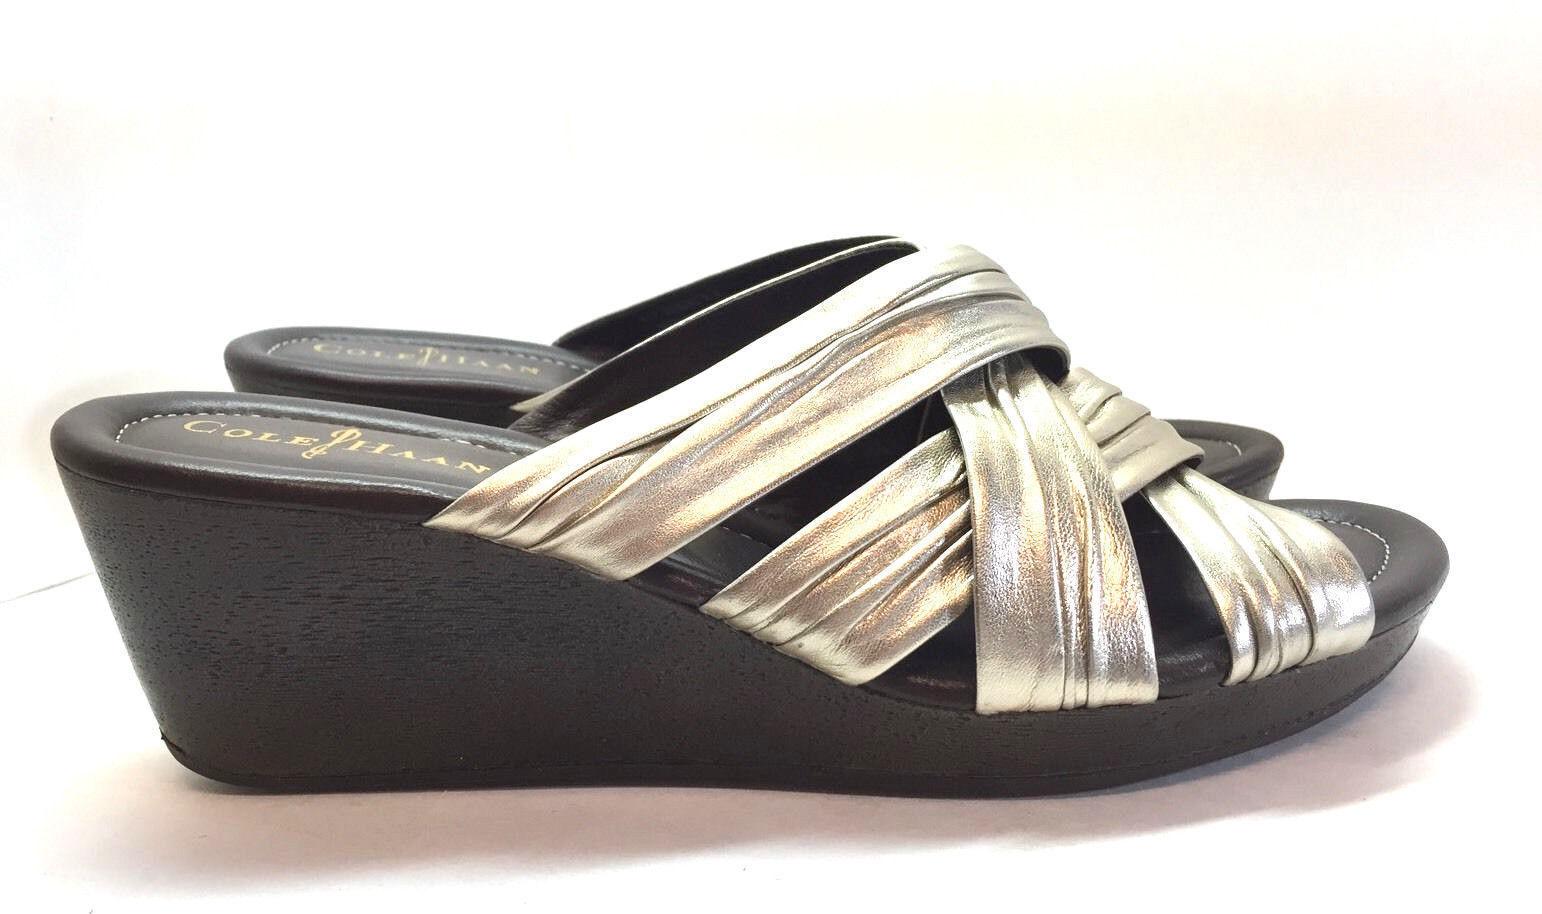 Cole Haan Damenschuhe Silver 9.5 Wedge Heels Schuhe Größe 9.5 Silver B 2666d3